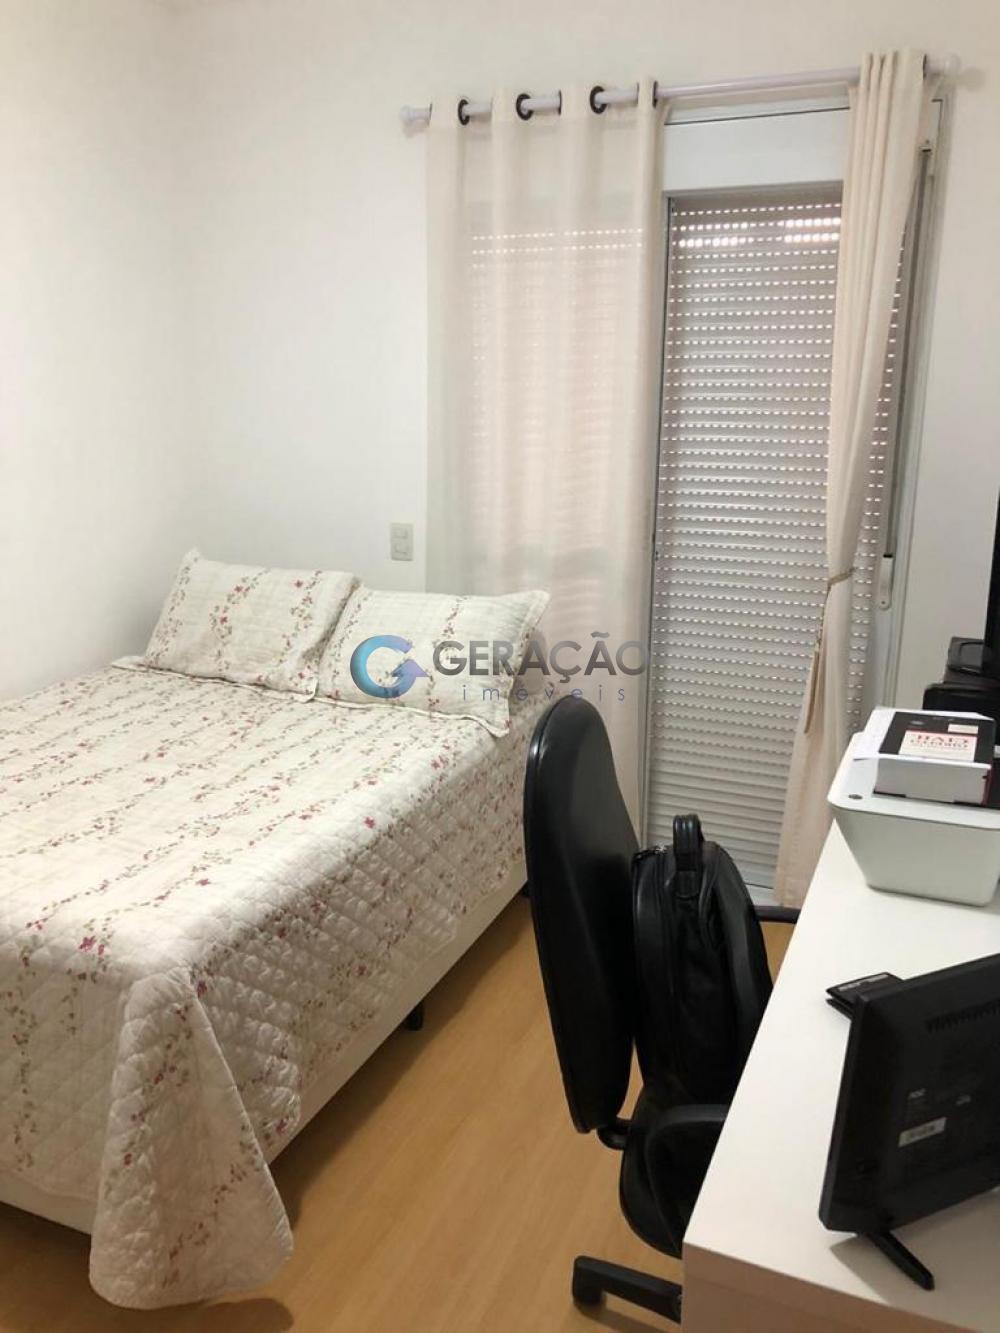 Comprar Apartamento / Padrão em São Paulo apenas R$ 1.300.000,00 - Foto 16